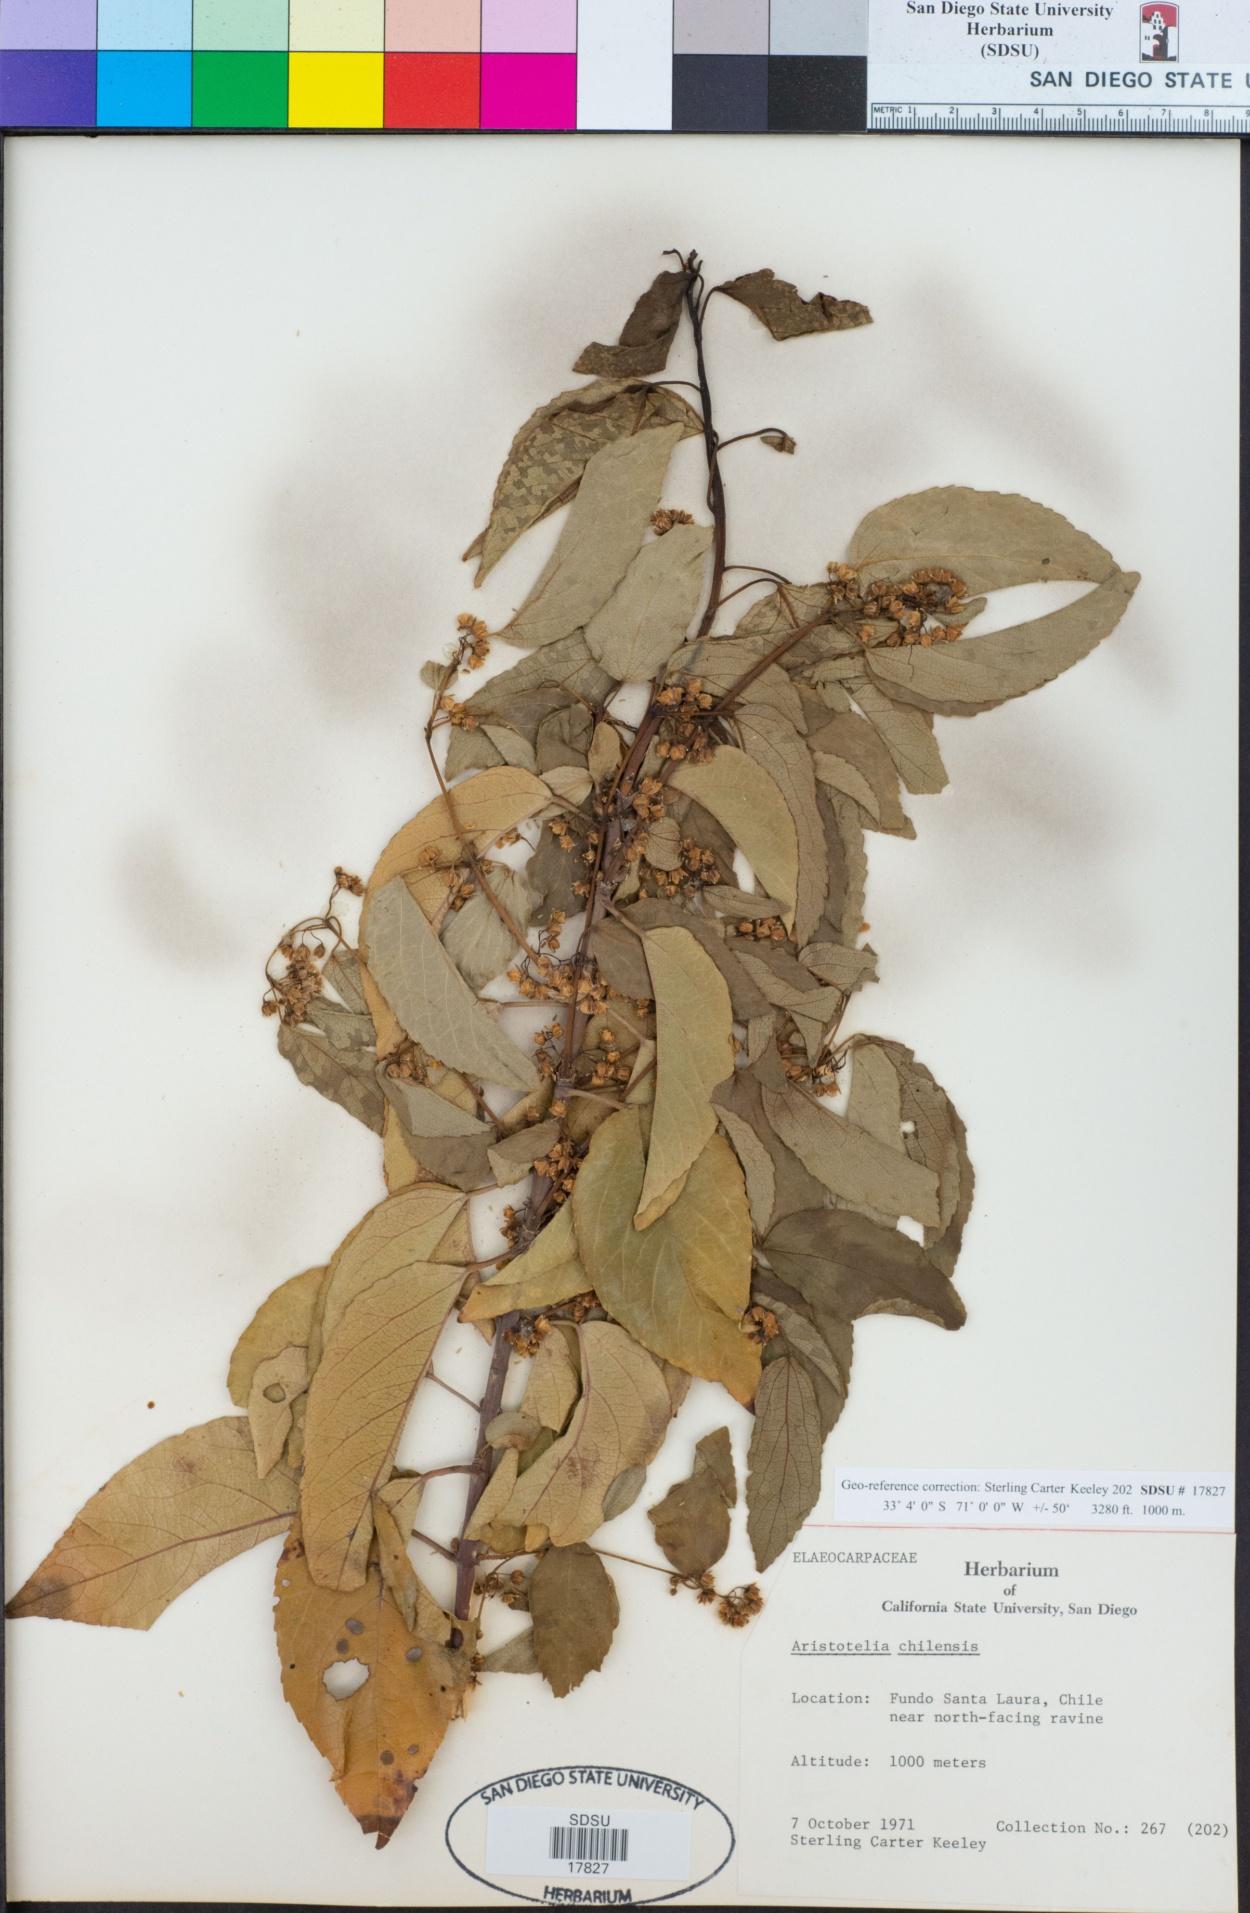 Aristotelia chilensis image